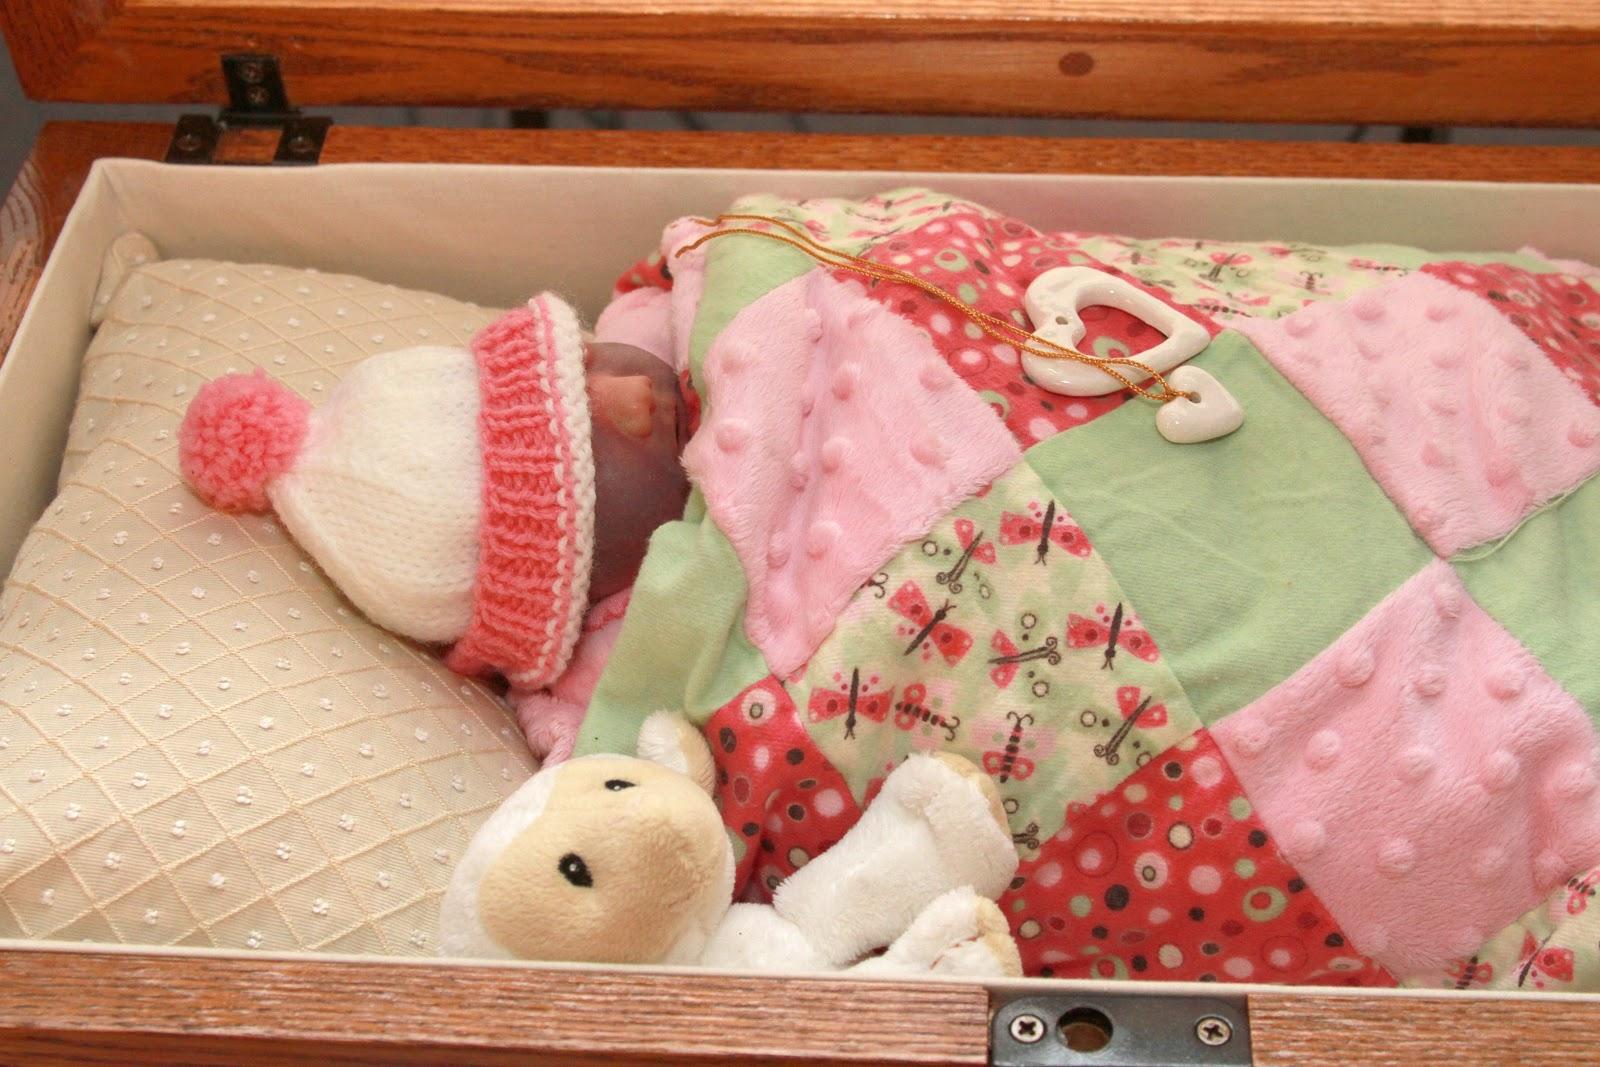 baby rachel s legacy open casket